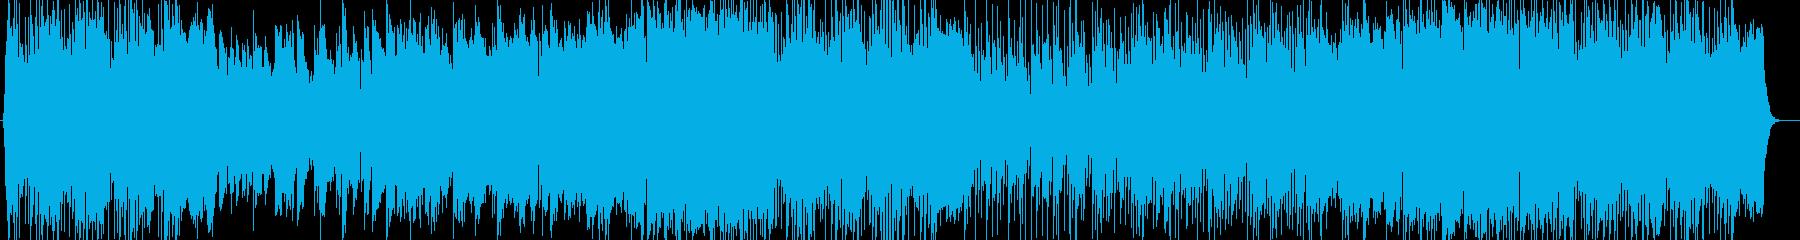 優しく力強いシンセ・ピアノサウンドの再生済みの波形